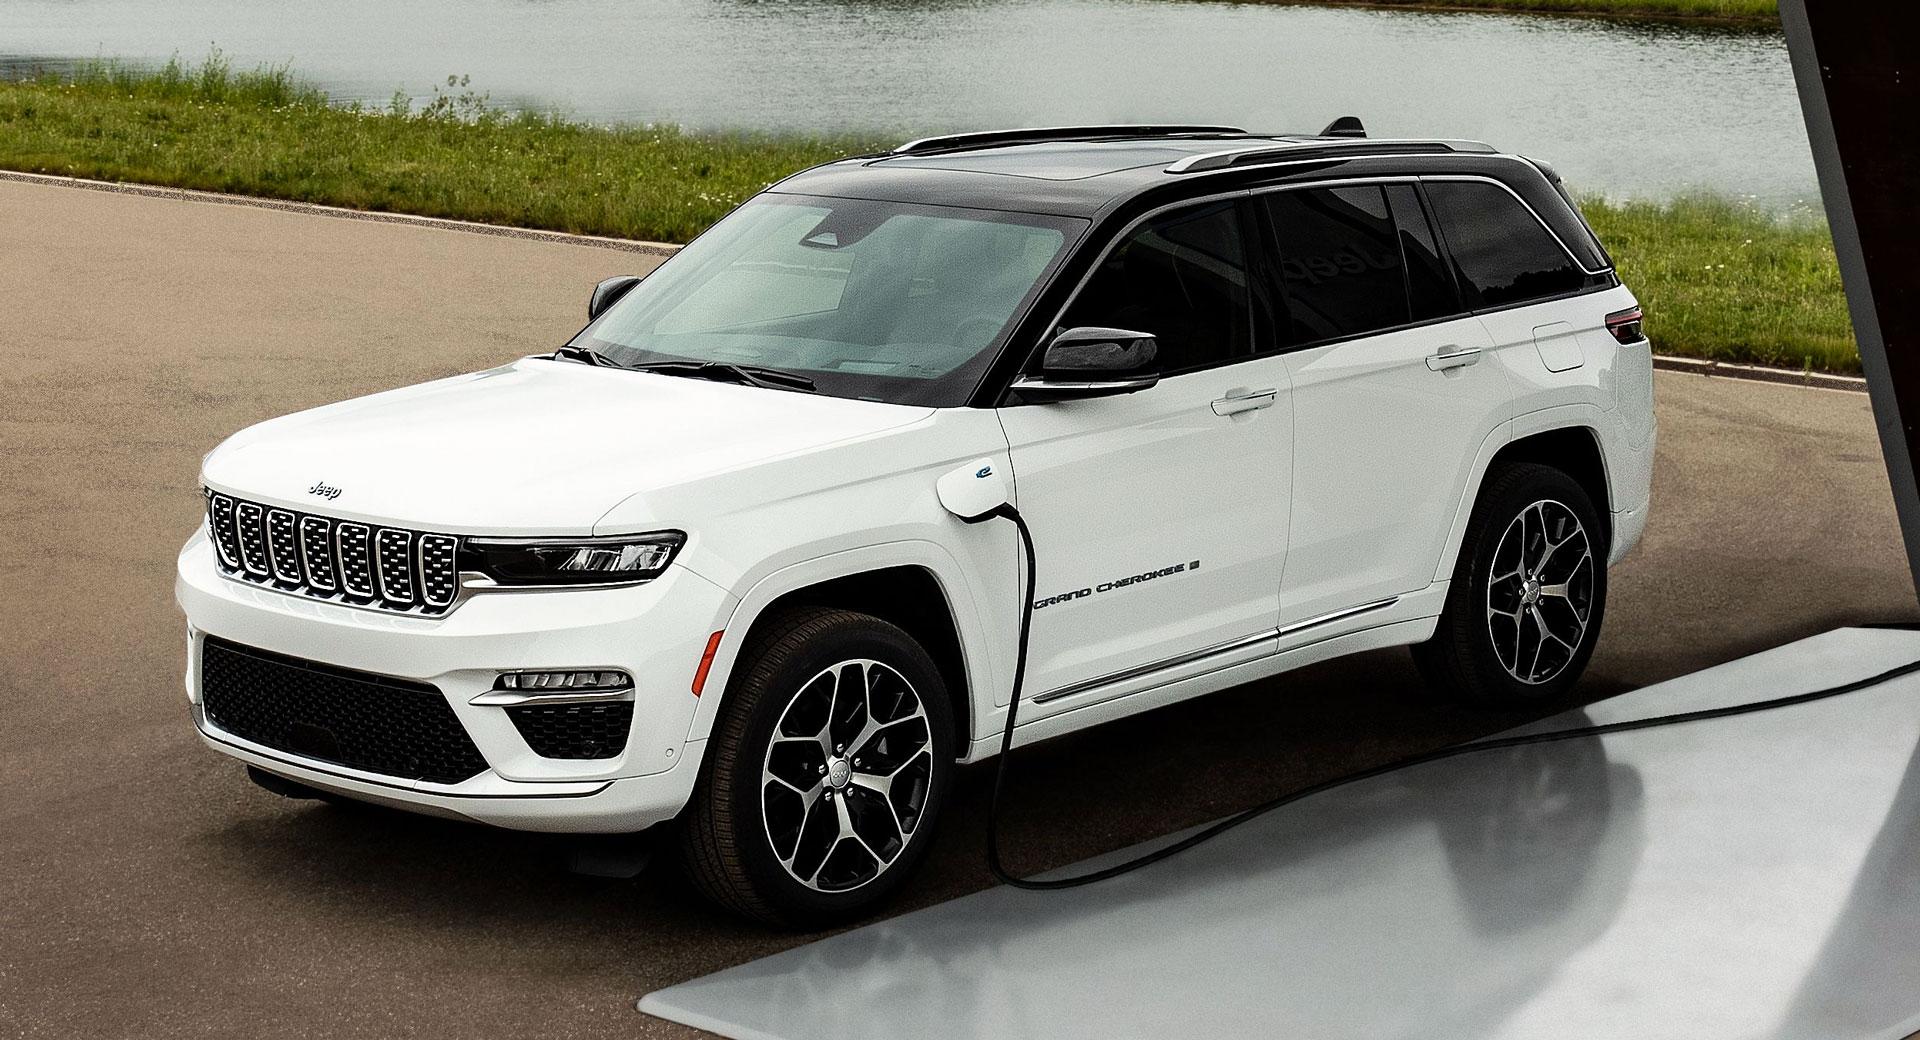 Novo Jeep Grand Cherokee 4xe 2022